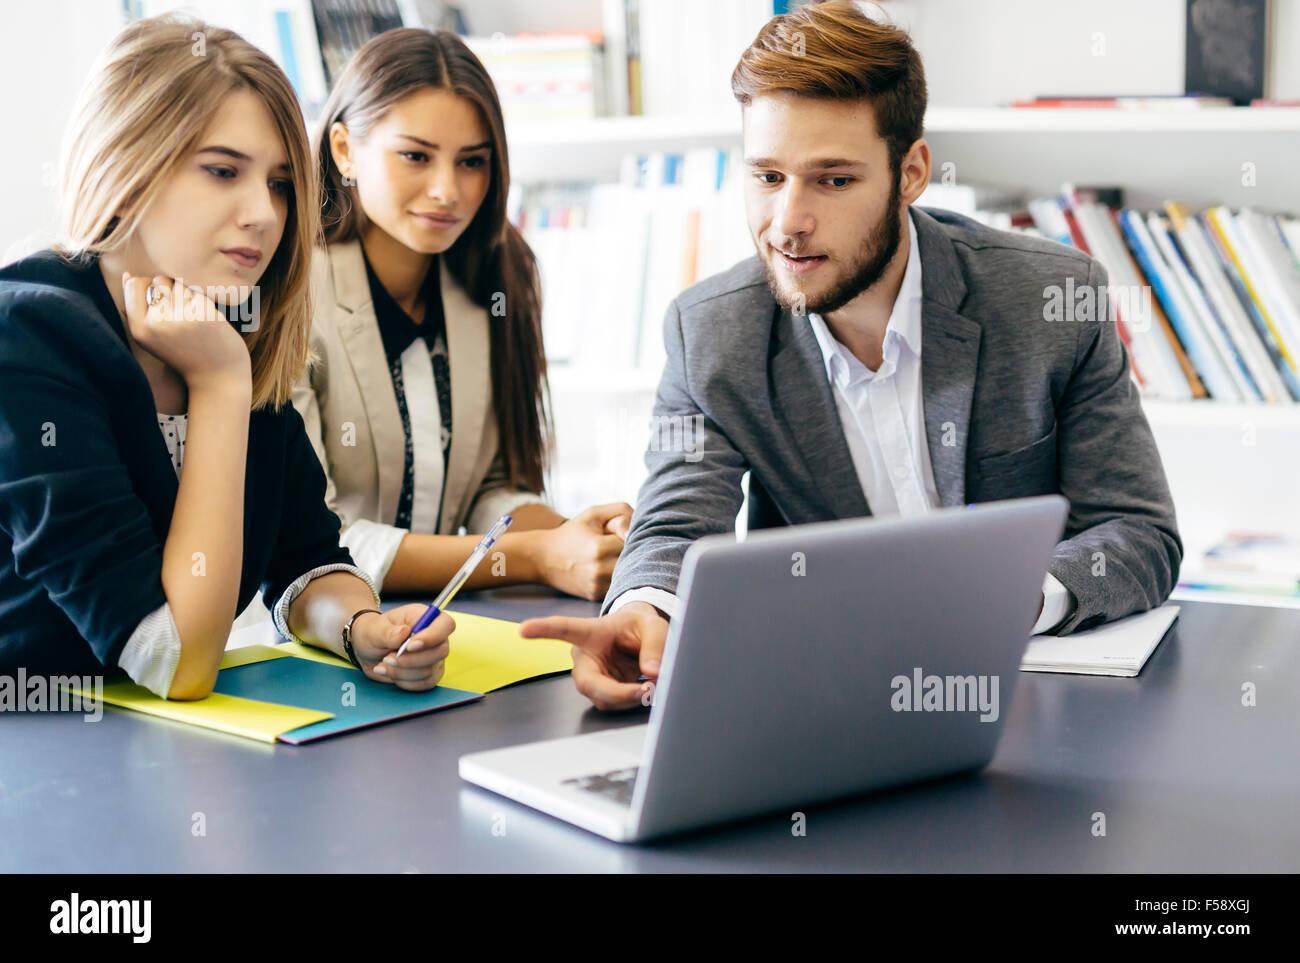 Team di architetti e designer per discutere dei piani per il futuro Immagini Stock